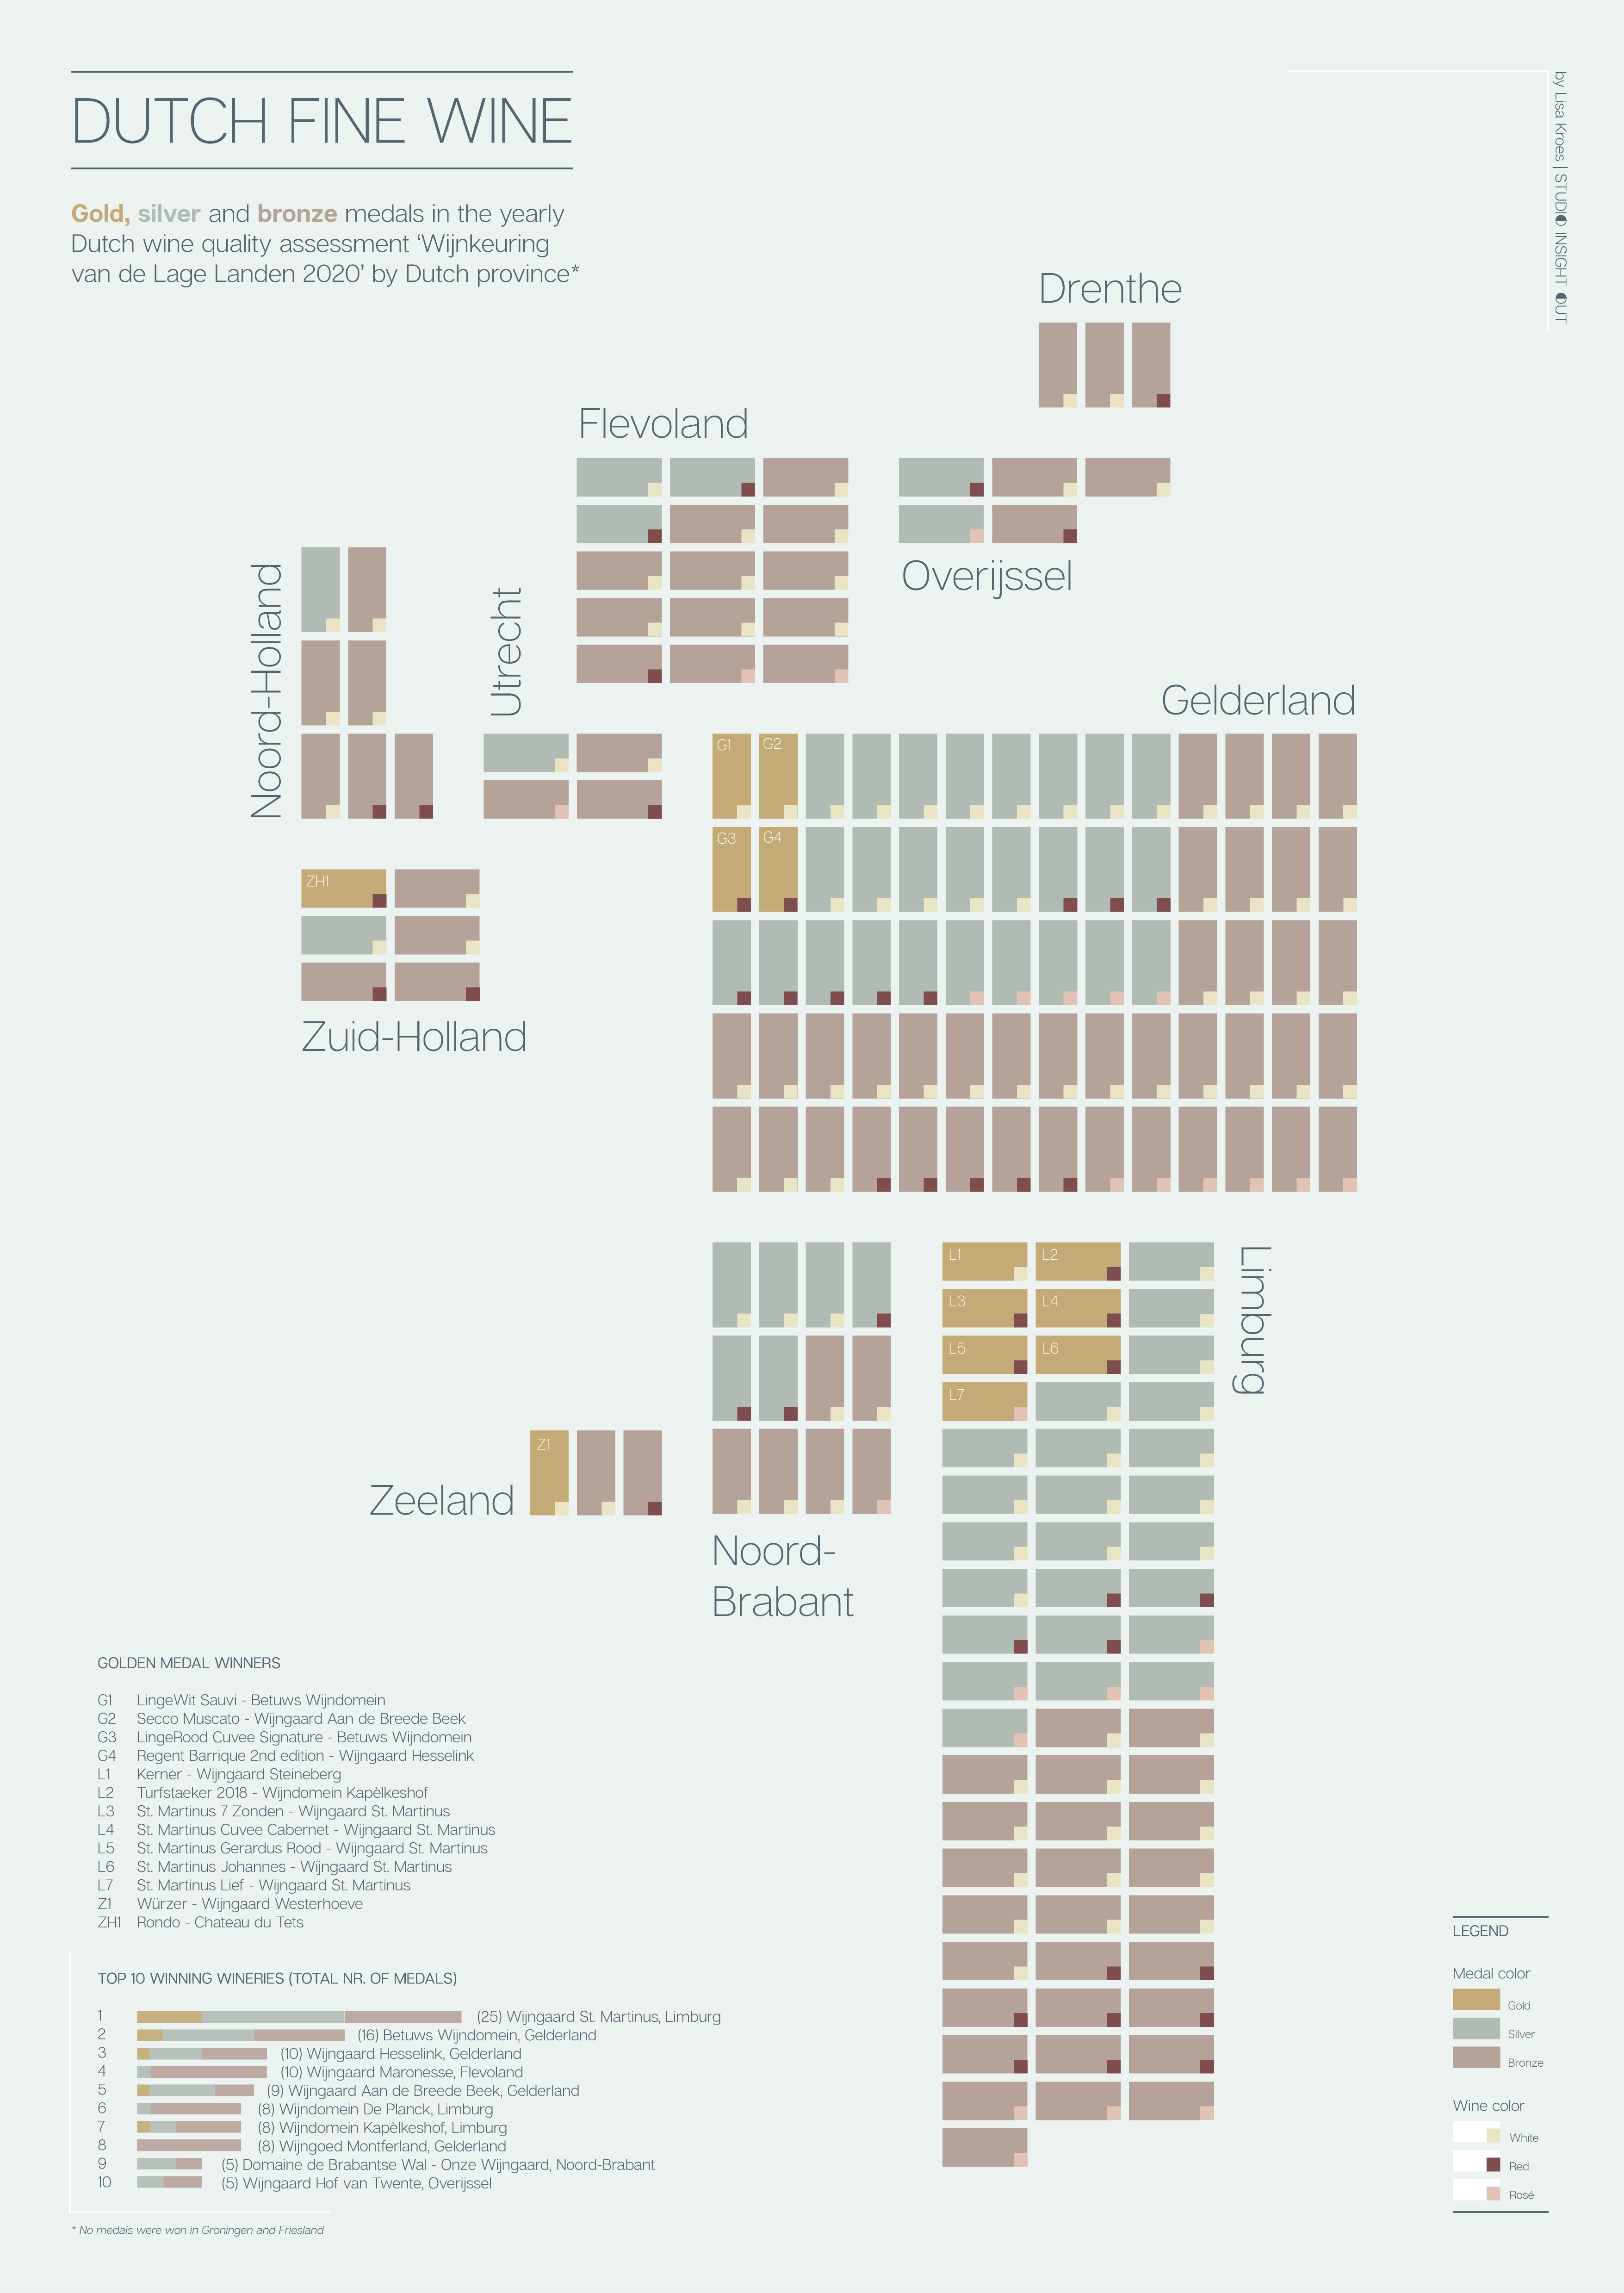 Nederlandse wijnen – Data Visualisatie Challenge